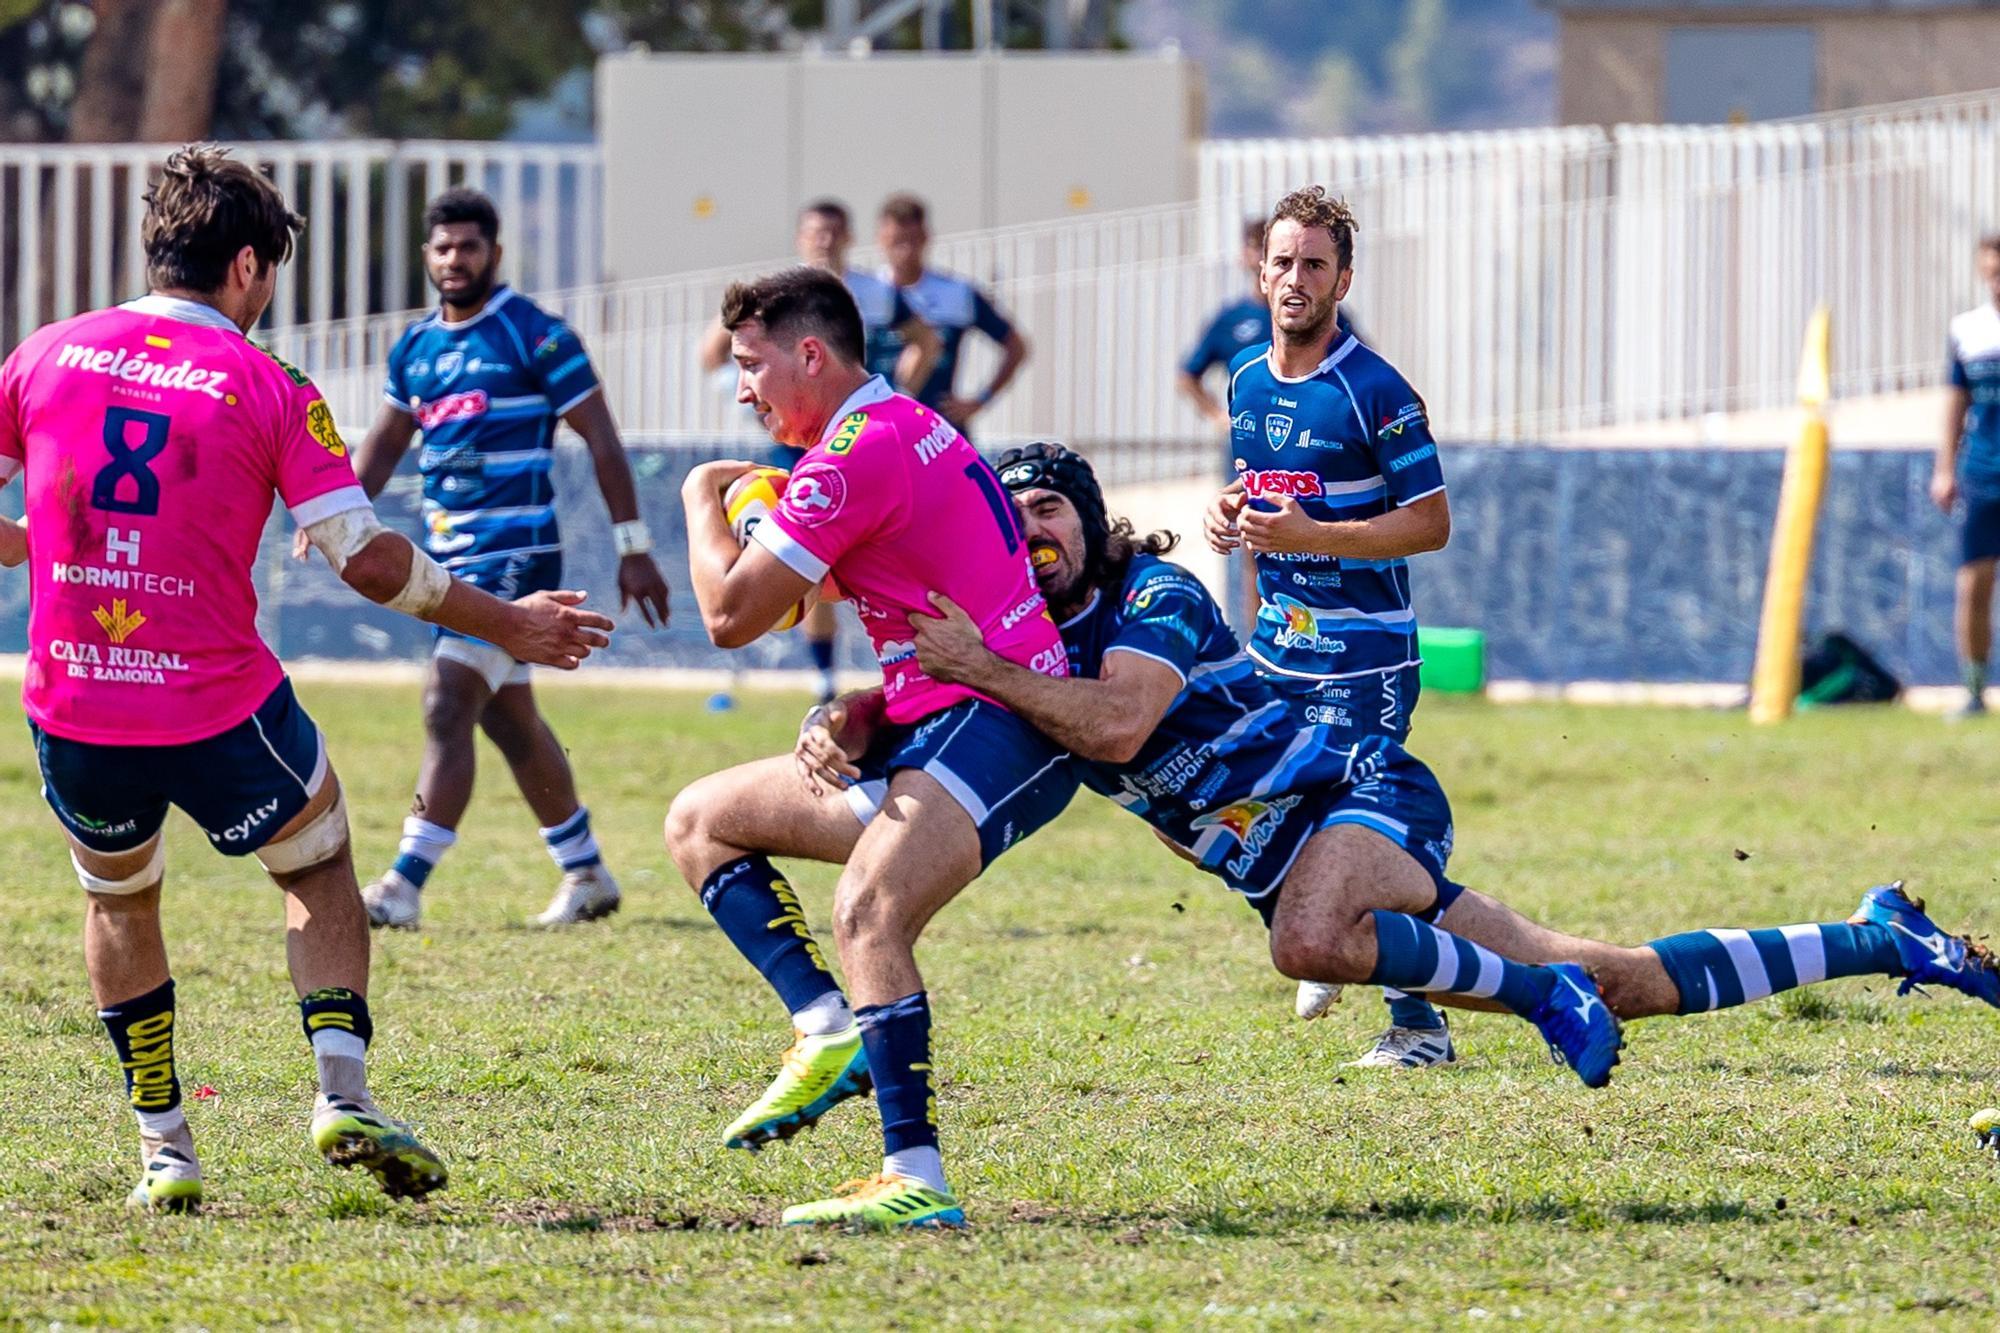 El equipo de rugby de La Vila Joiosa en División de Honor